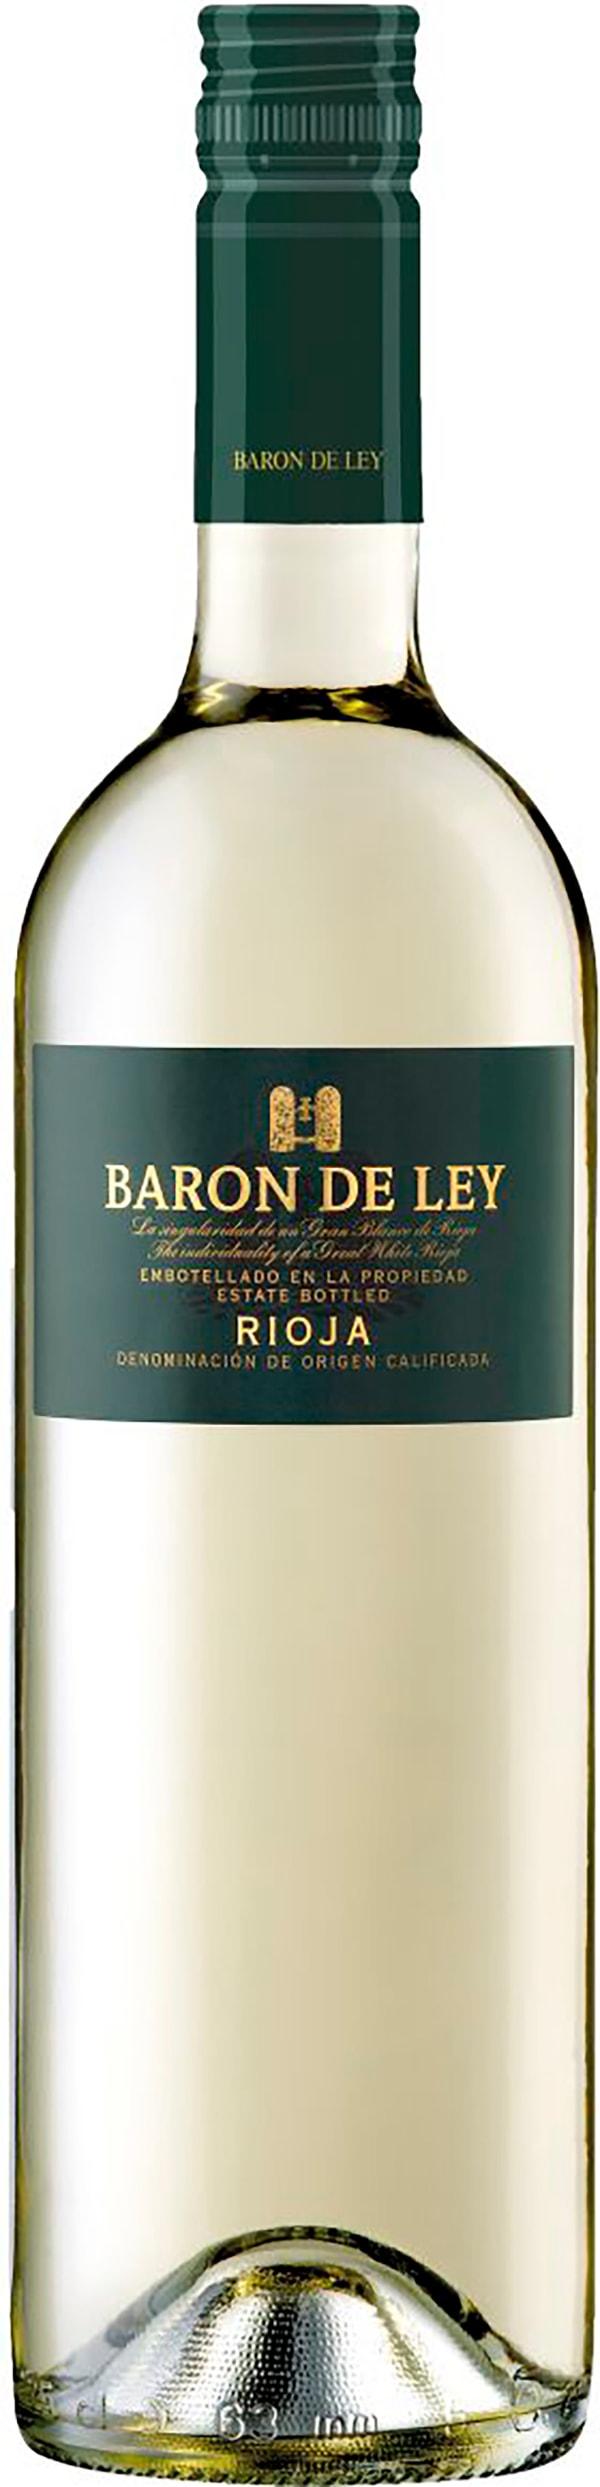 Baron de Ley Blanco 2017